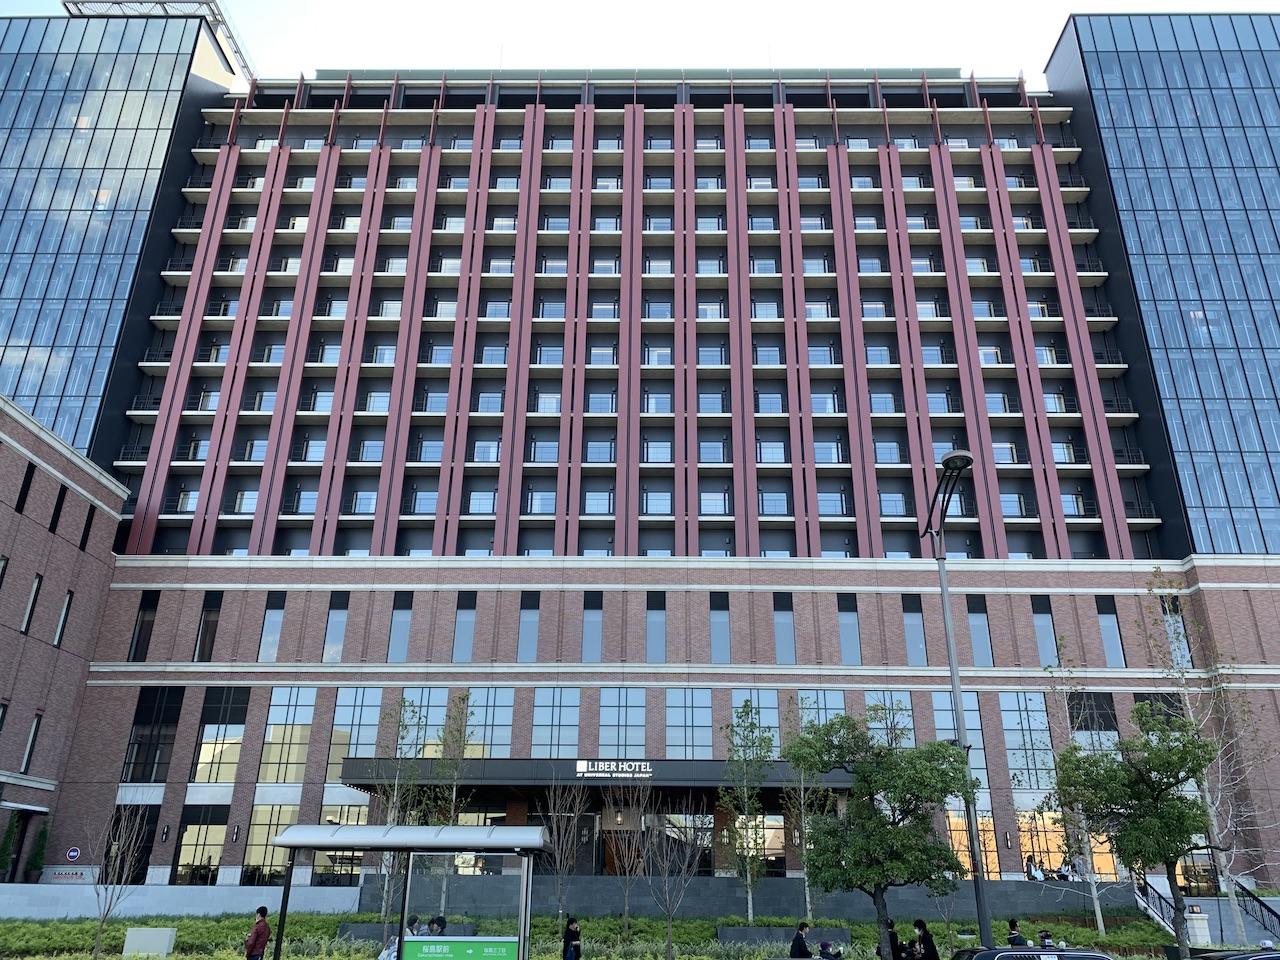 liber-hotel-usj-outside-2